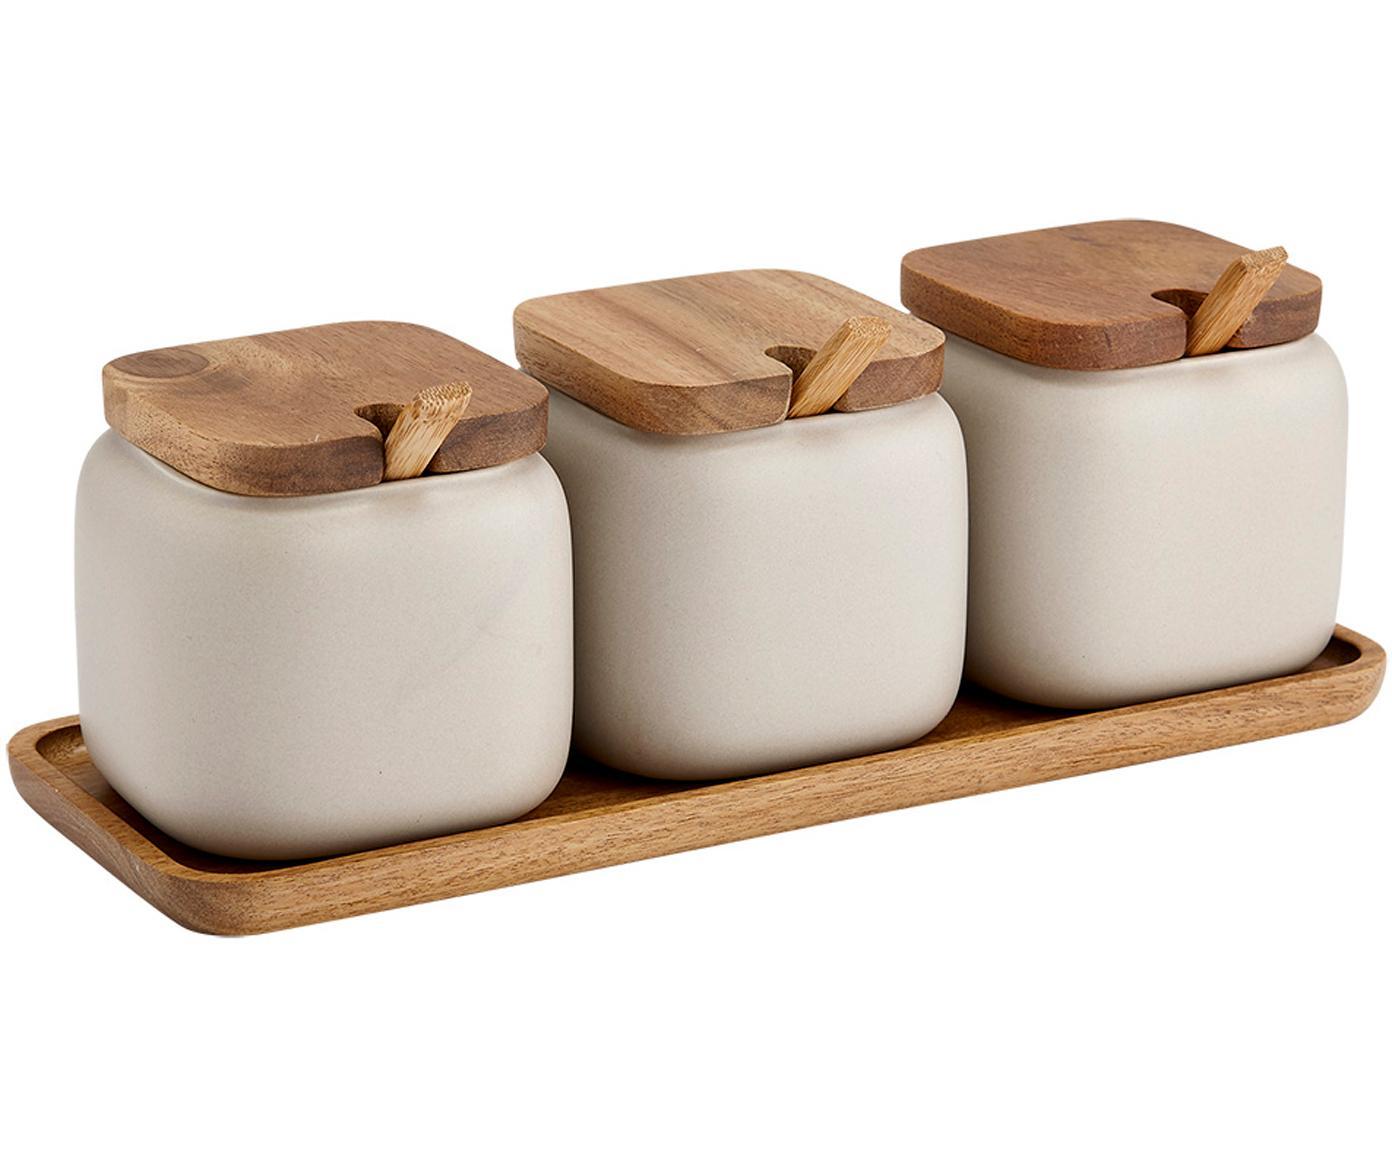 Aufbewahrungsdosen-Set Essentials aus Porzellan und Akazienholz, 7-tlg., Sandfarben, Akazienholz, Sondergrößen